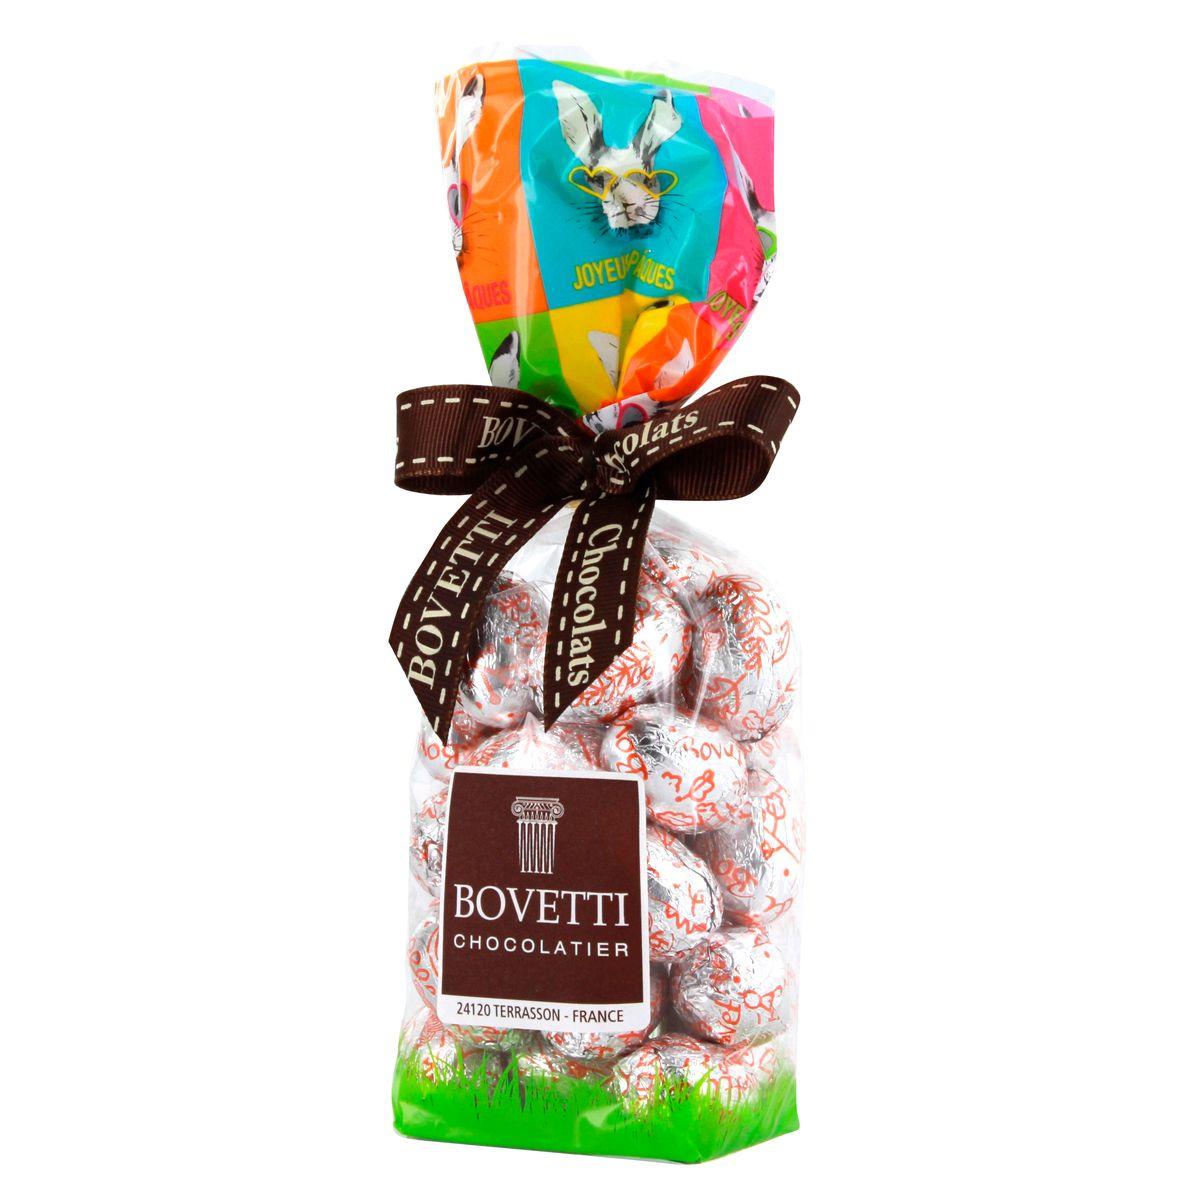 Petits œufs fourrés chocolat au lait caramel - Bovetti